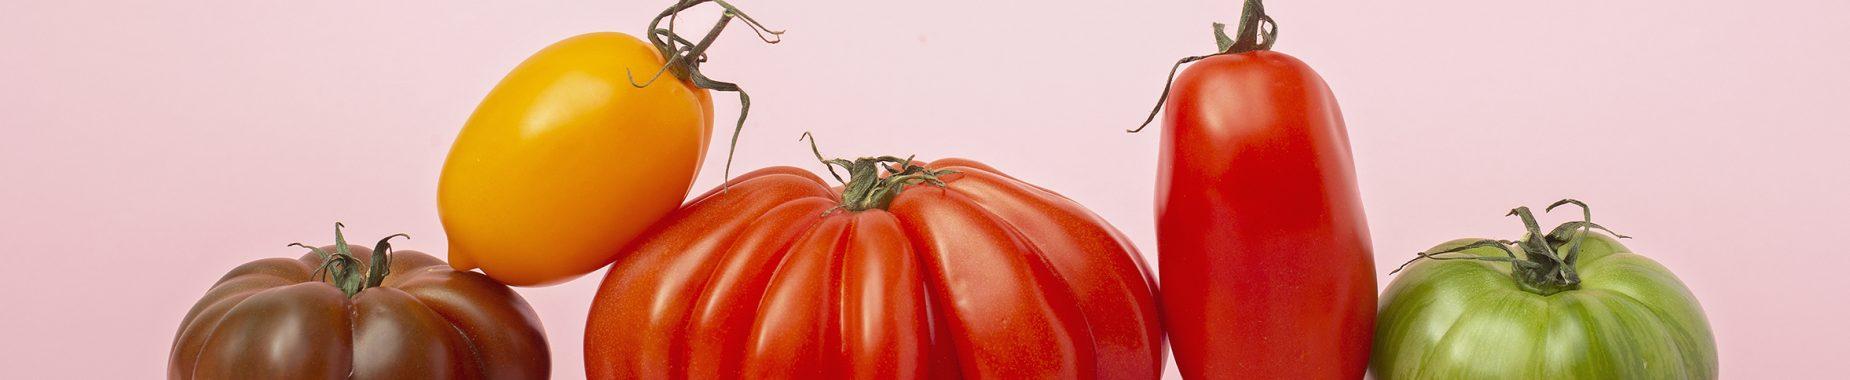 Fem tomater i forskellige farver på række